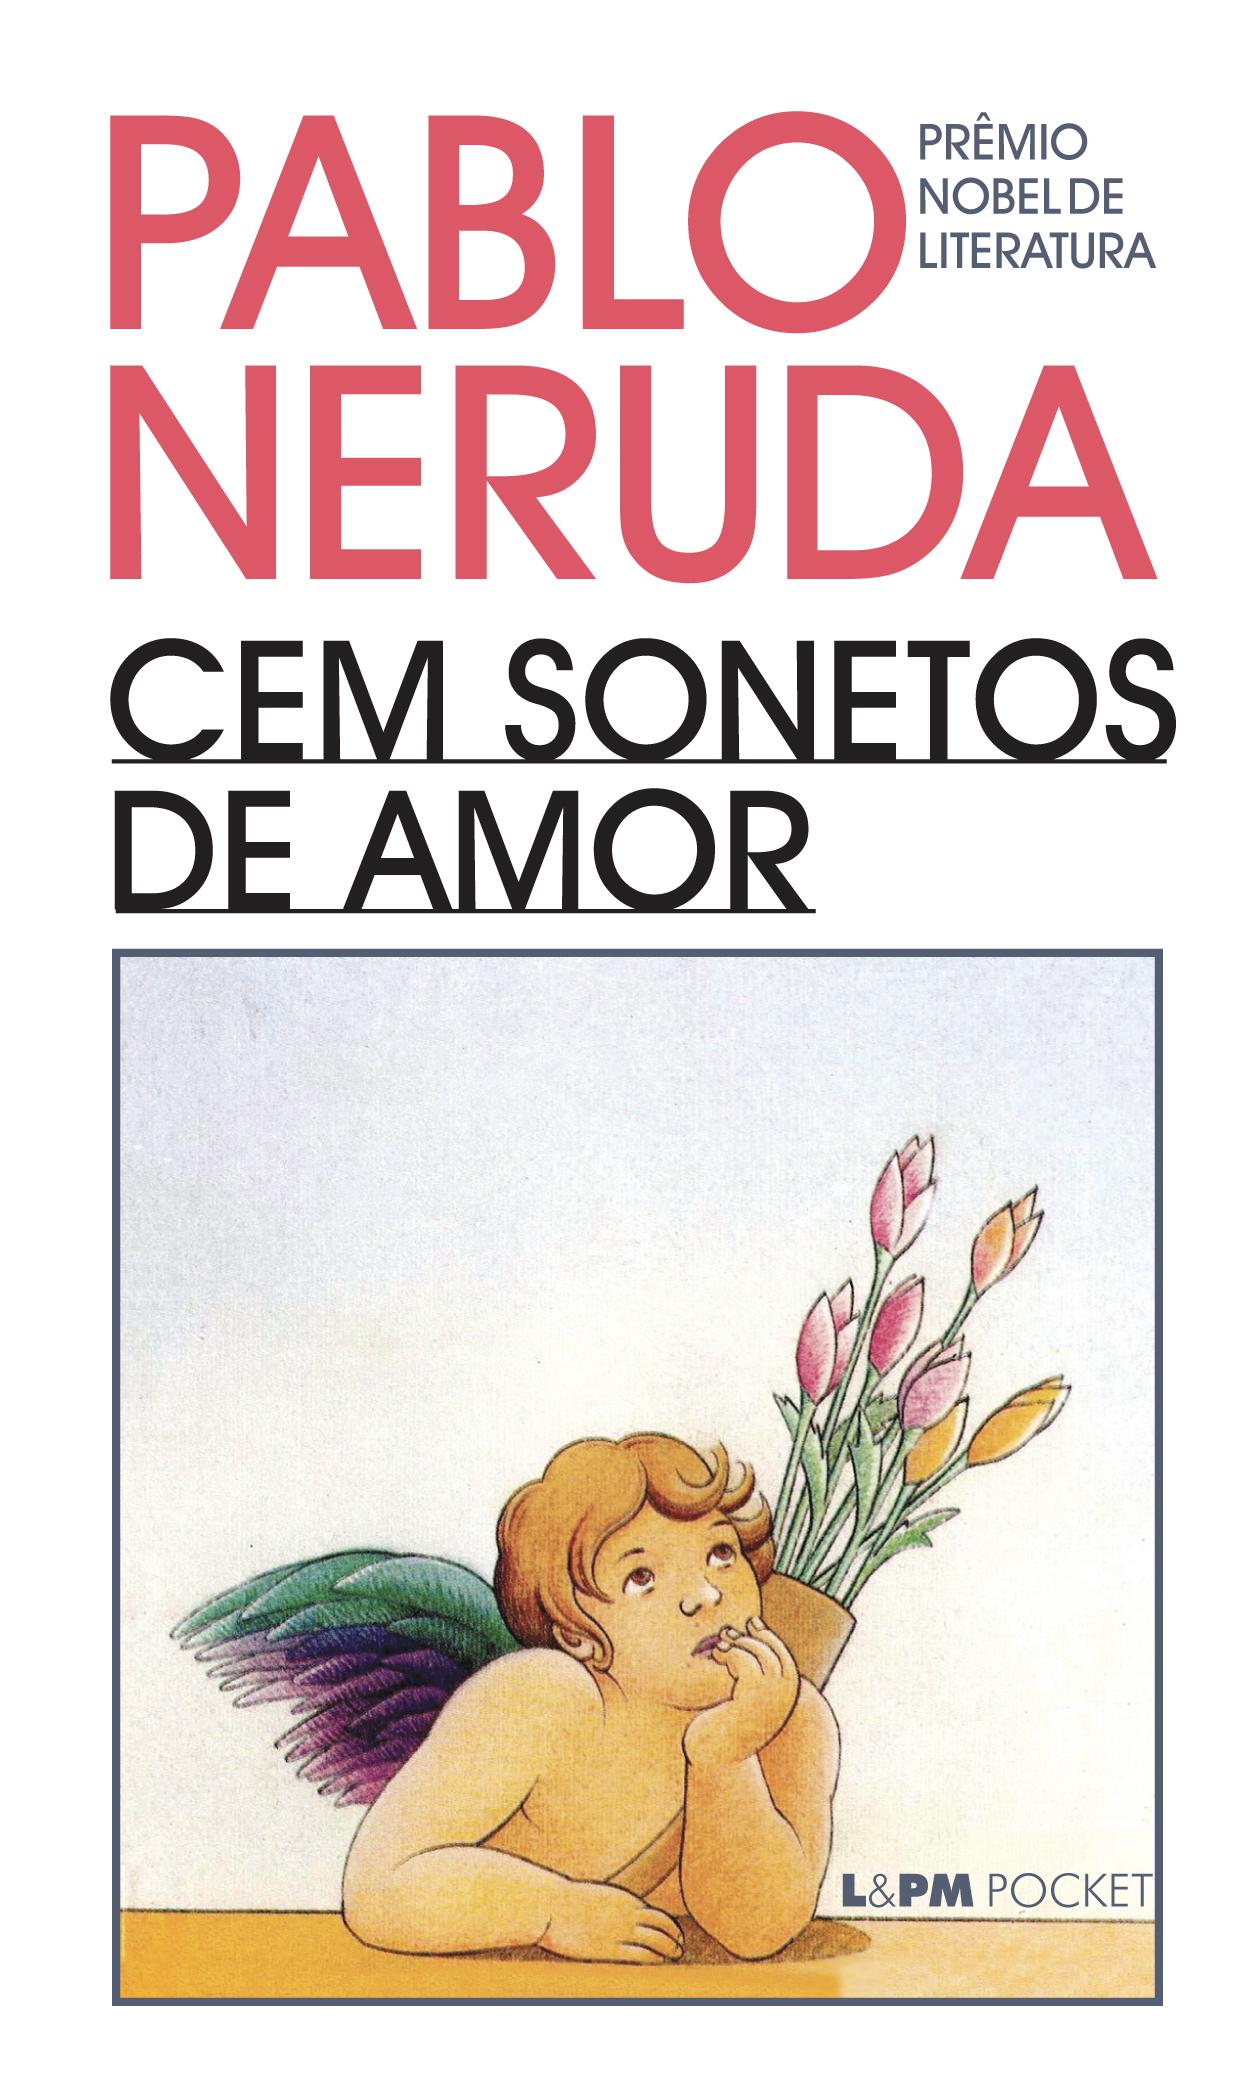 CEM SONETOS DE AMOR - Pablo Neruda - L&PM Pocket - A maior